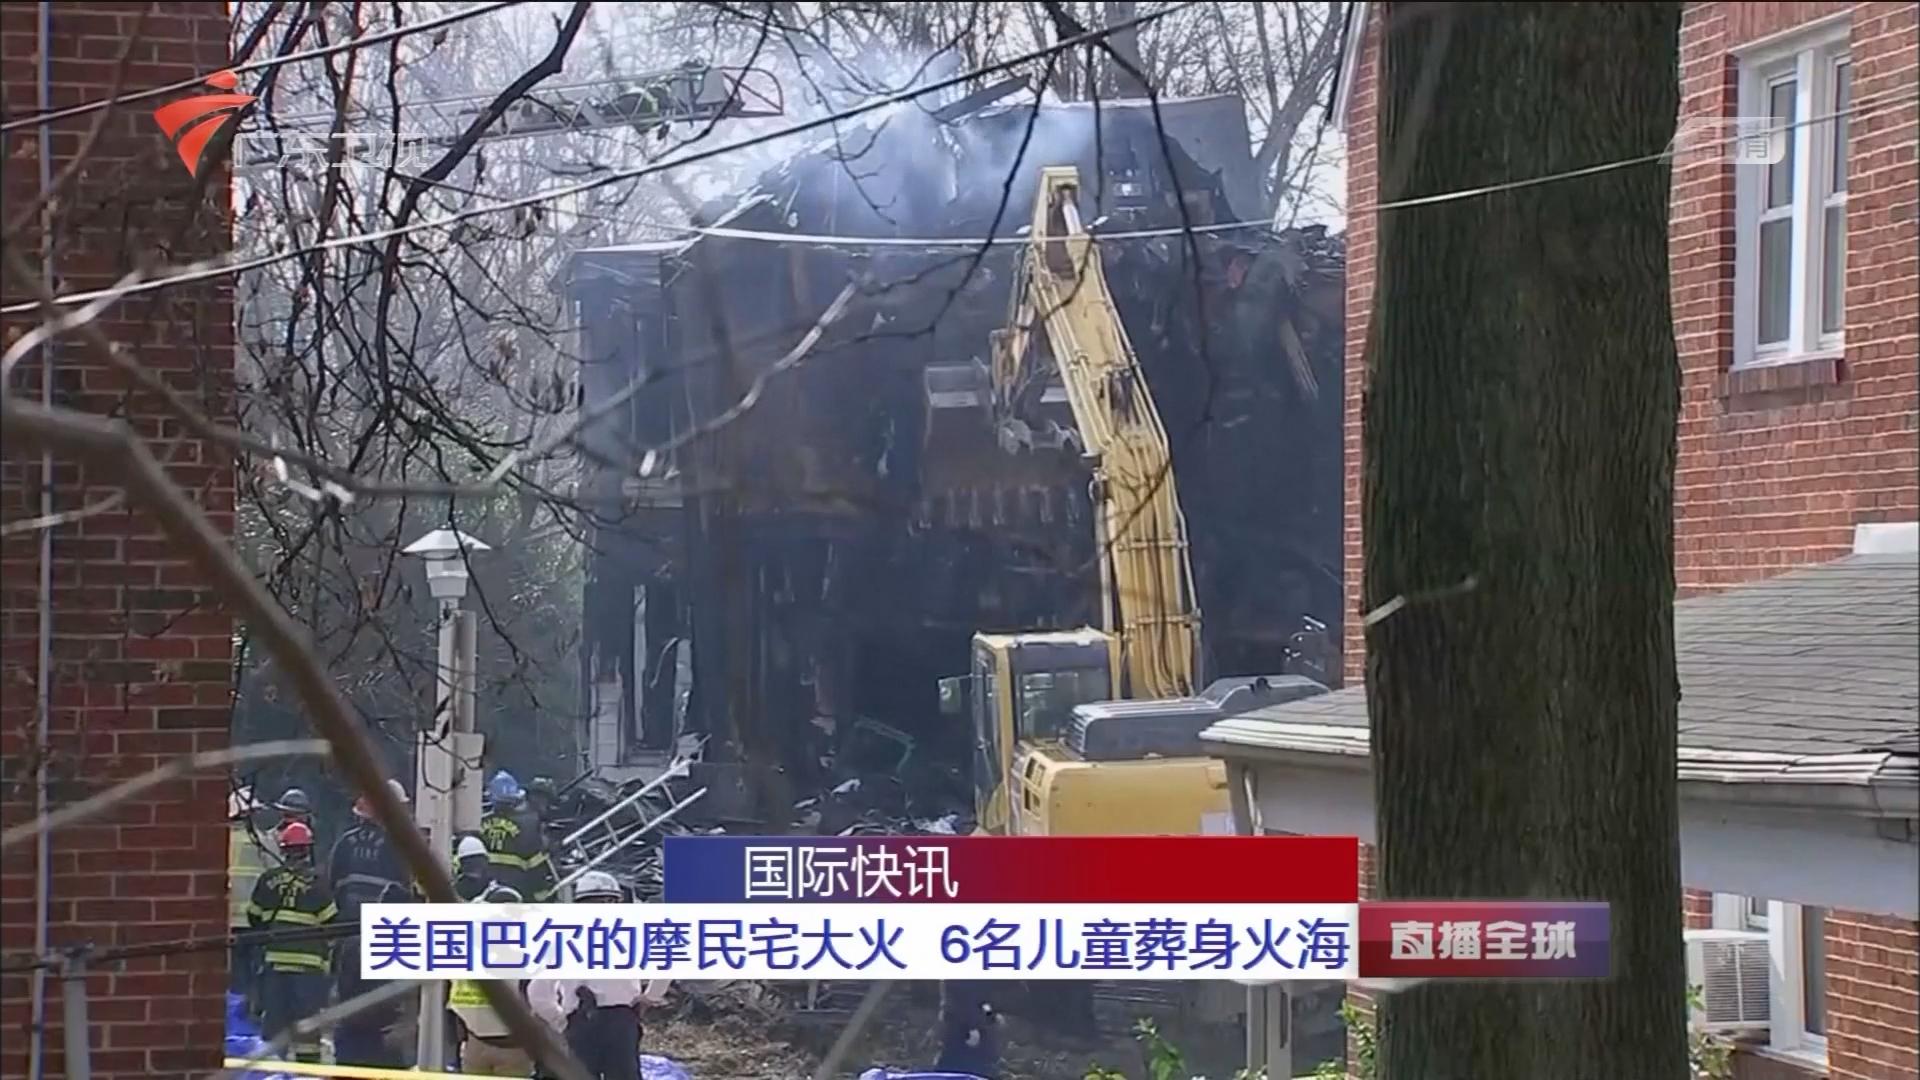 国际快讯:美国巴尔的摩民宅大火 6名儿童葬身火海